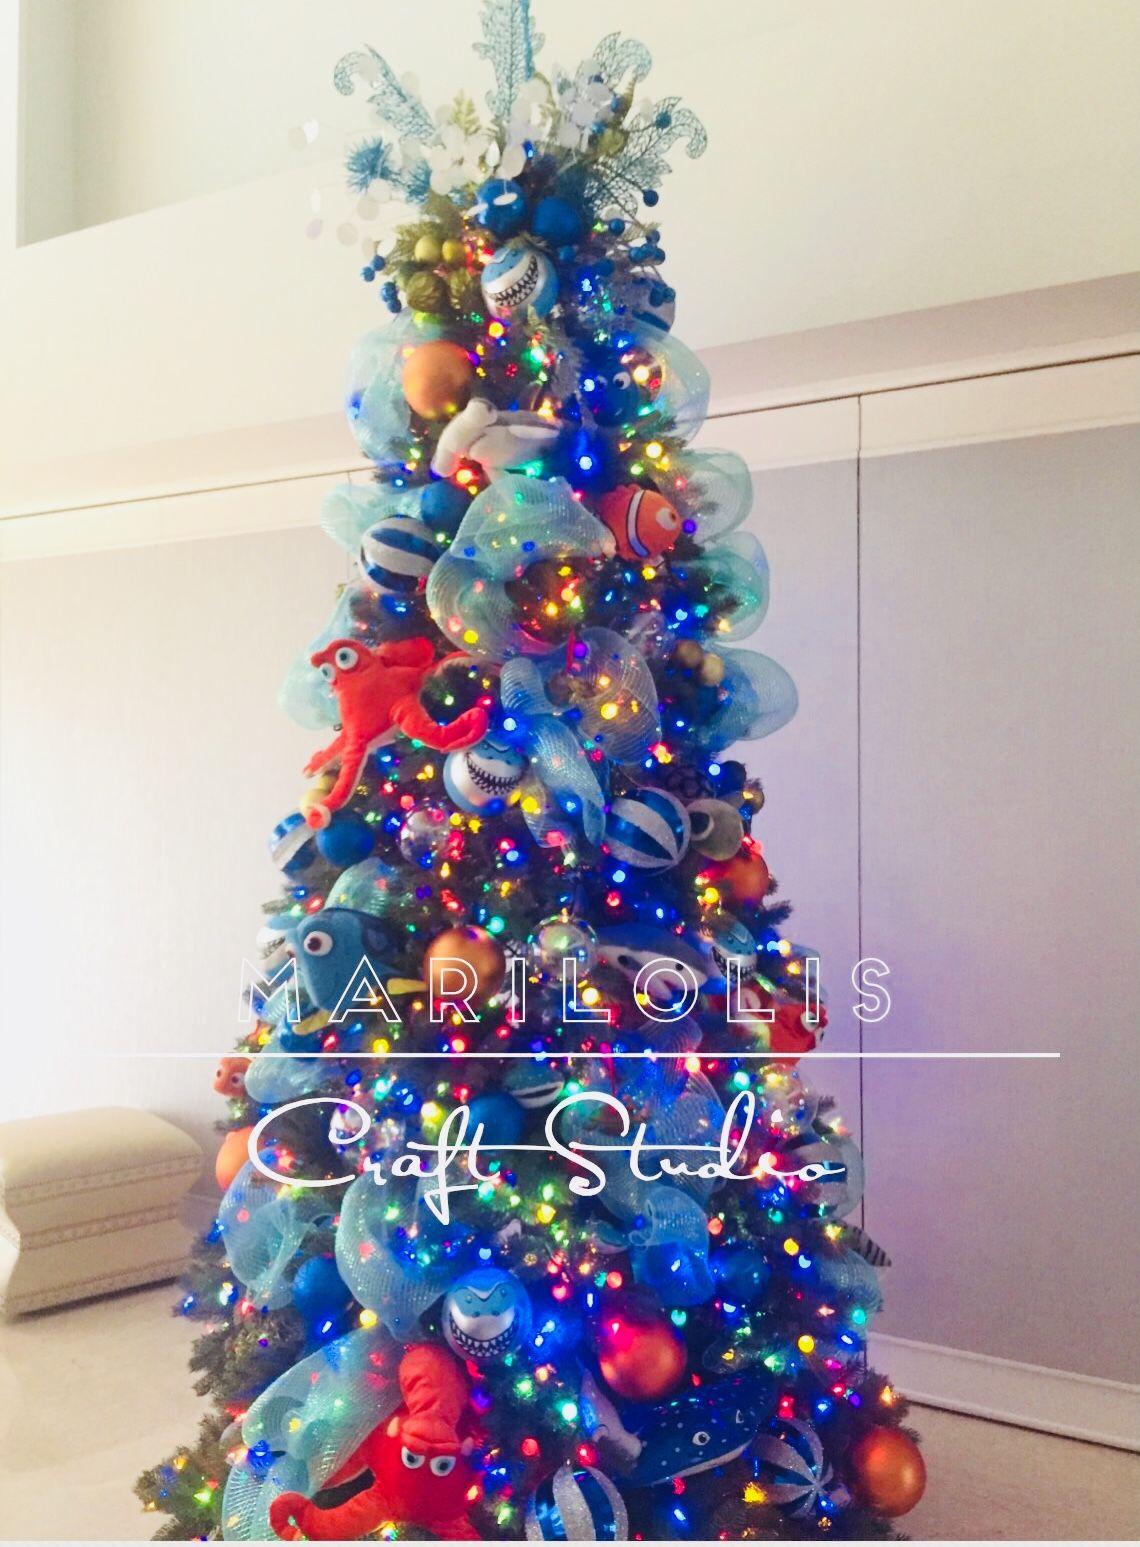 Nemo Christmas Tree Christmas Tree Decorating Themes Christmas Tree Decorations Christmas Tree